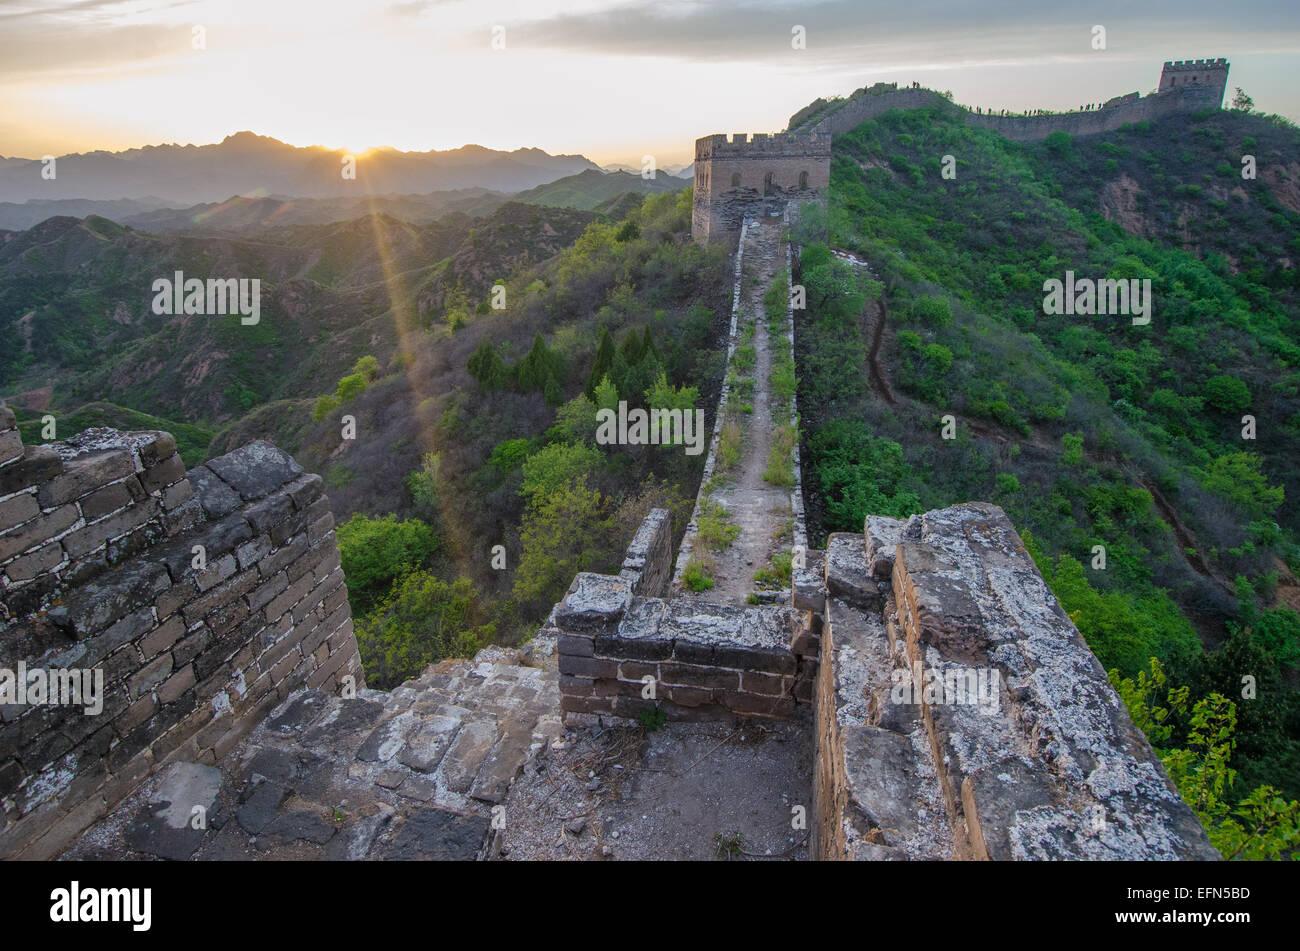 Los 2.300 años de la Gran Muralla China está iluminada por el sol. Foto de stock